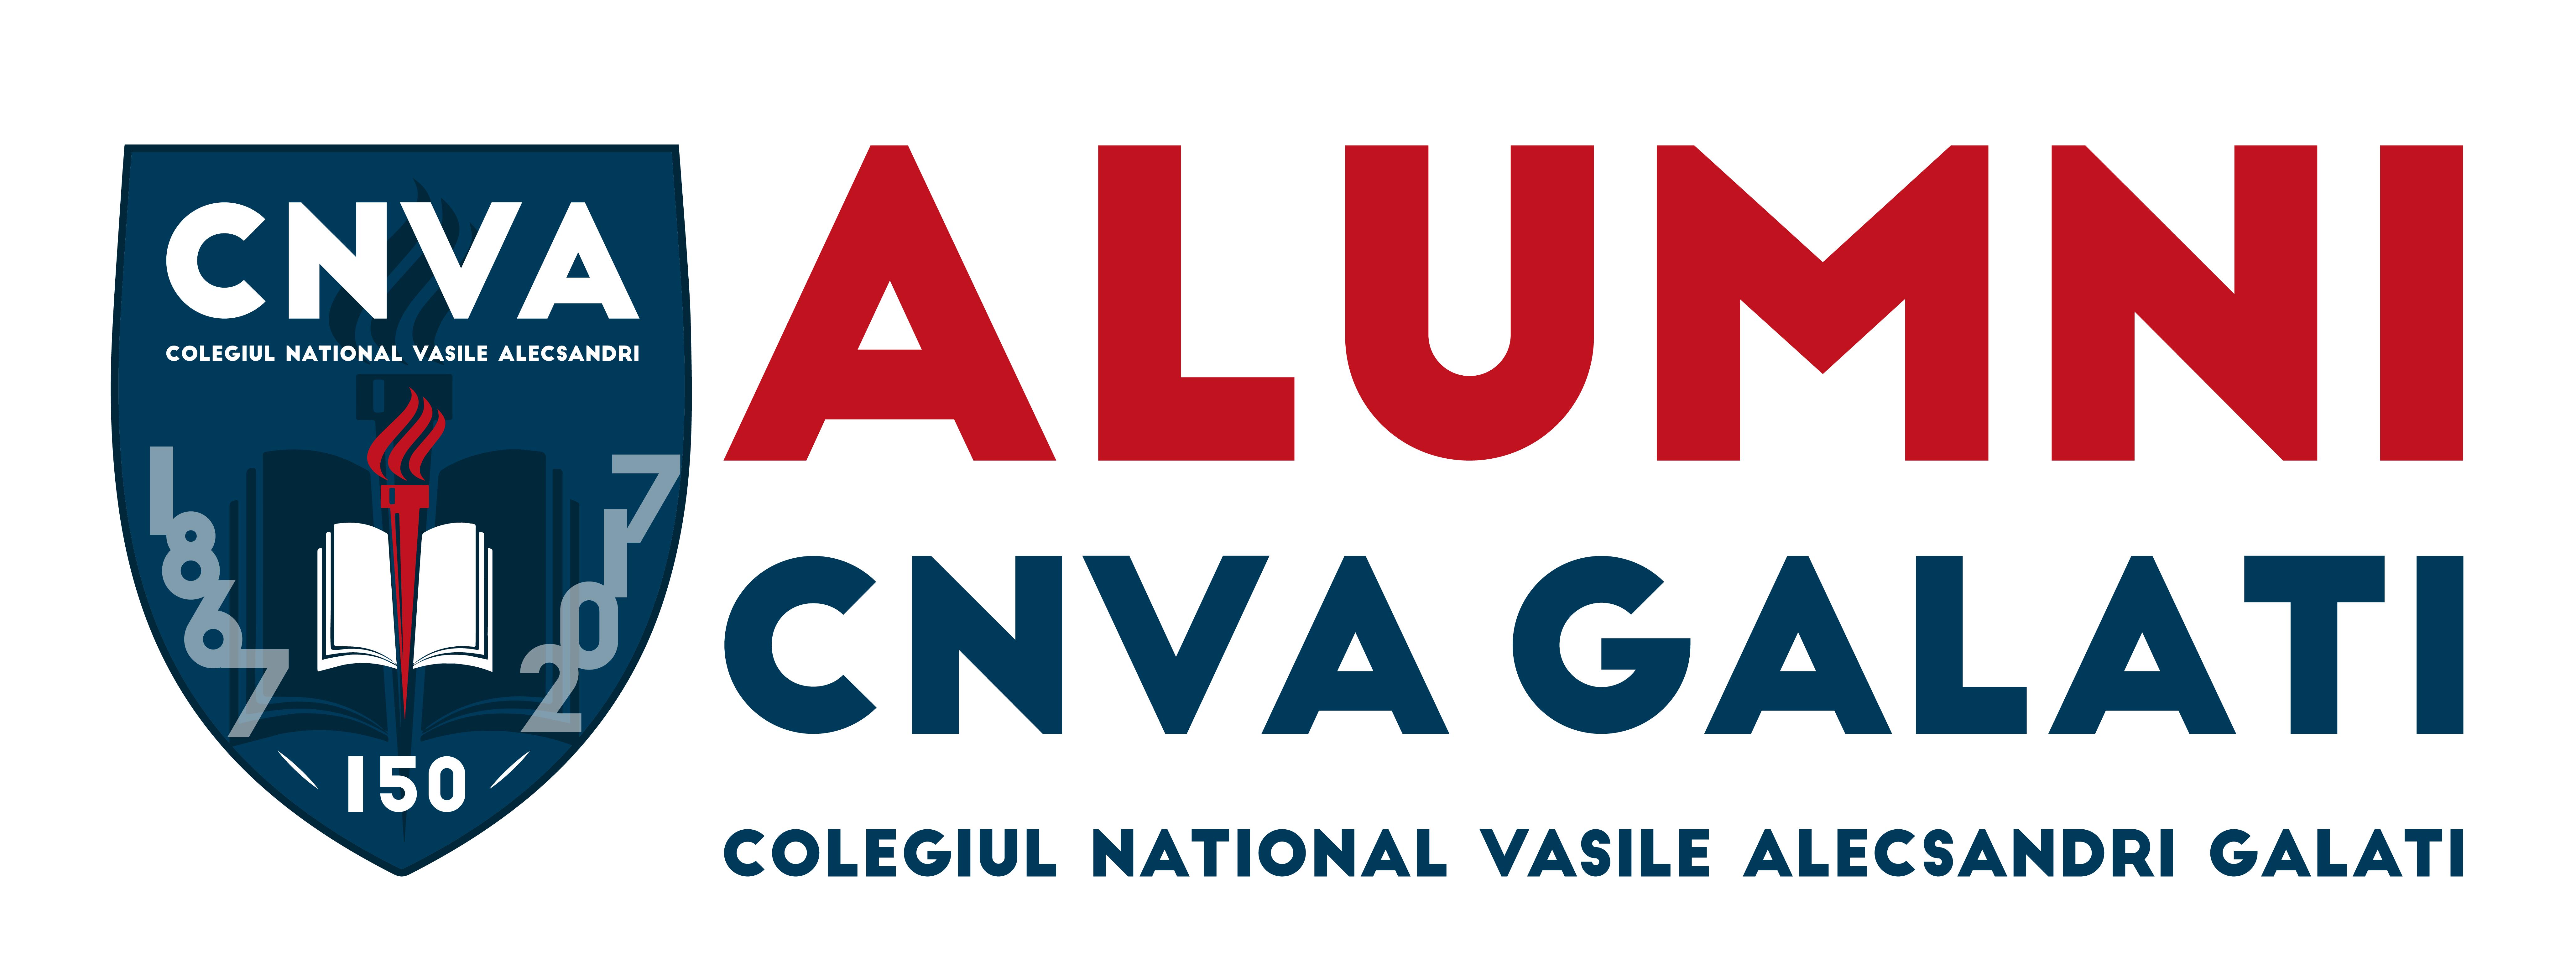 Asociaţia Alumni CNVA Galaţi logo